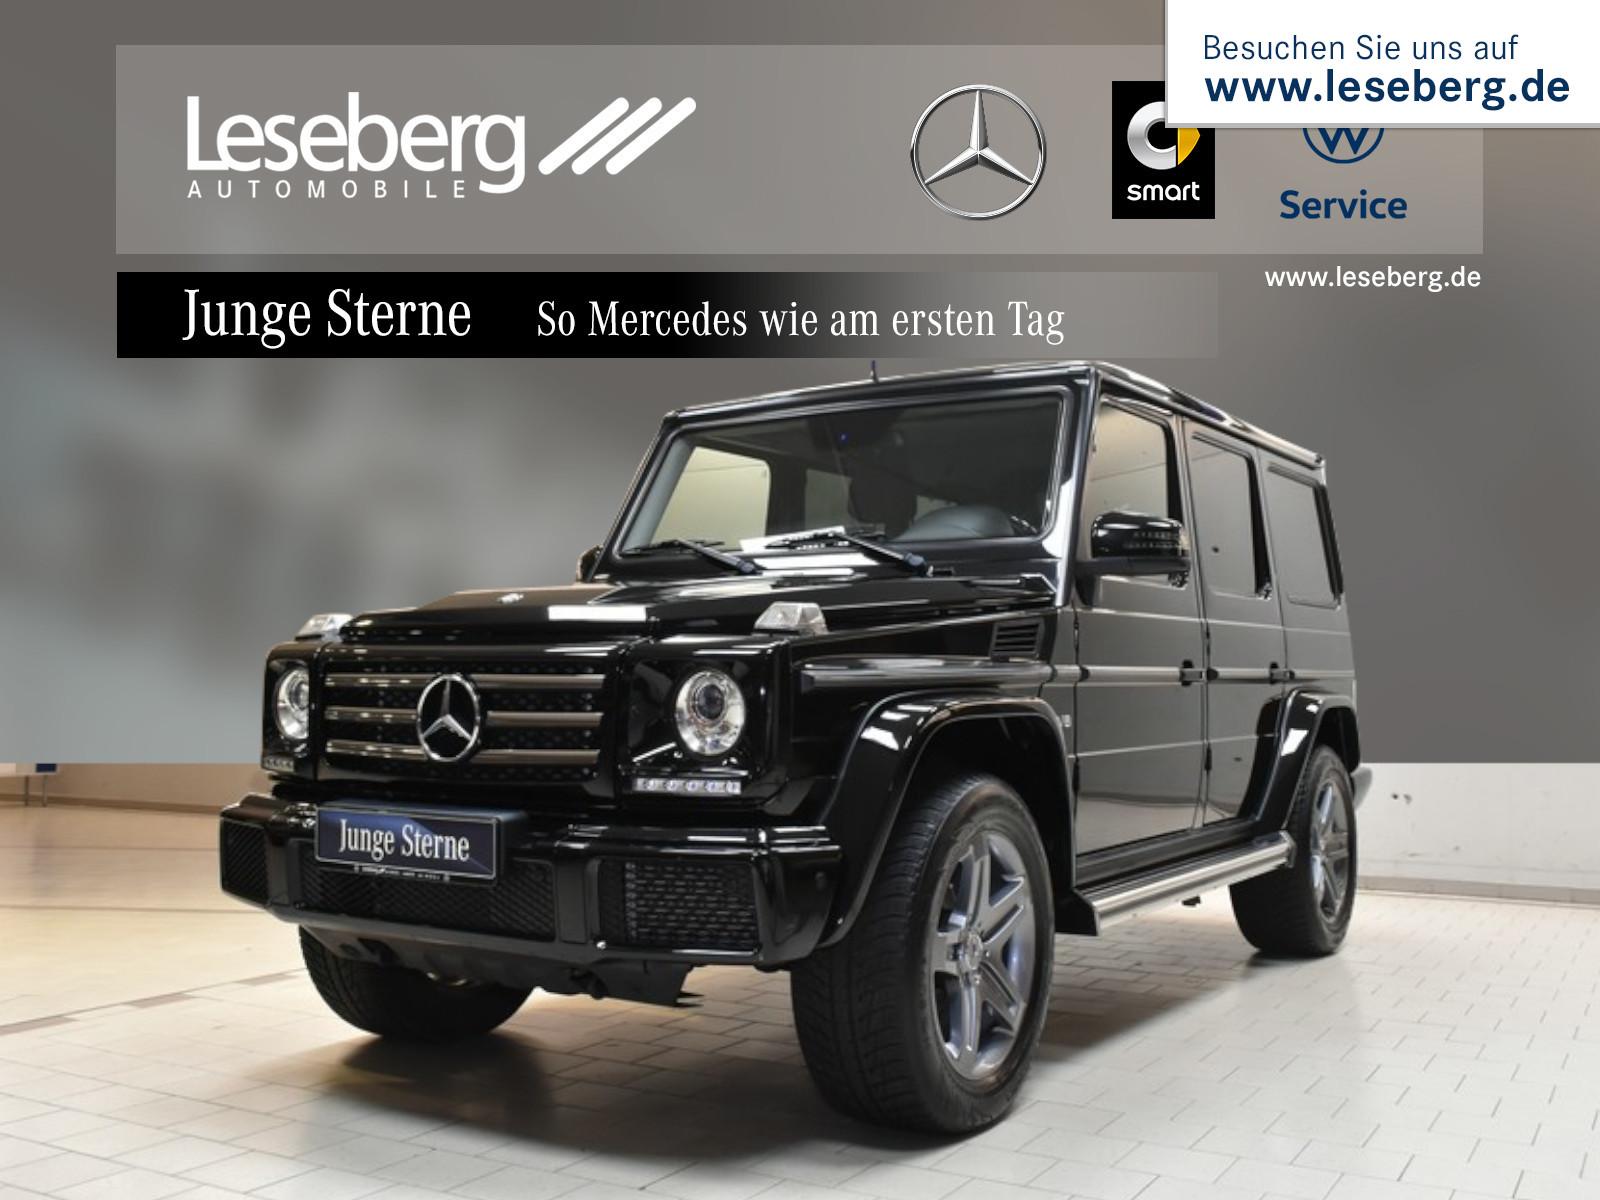 Mercedes-Benz G 500 Sport-Paket/AHK/Comand/Kamera/Standhzg/PTS, Jahr 2016, Benzin